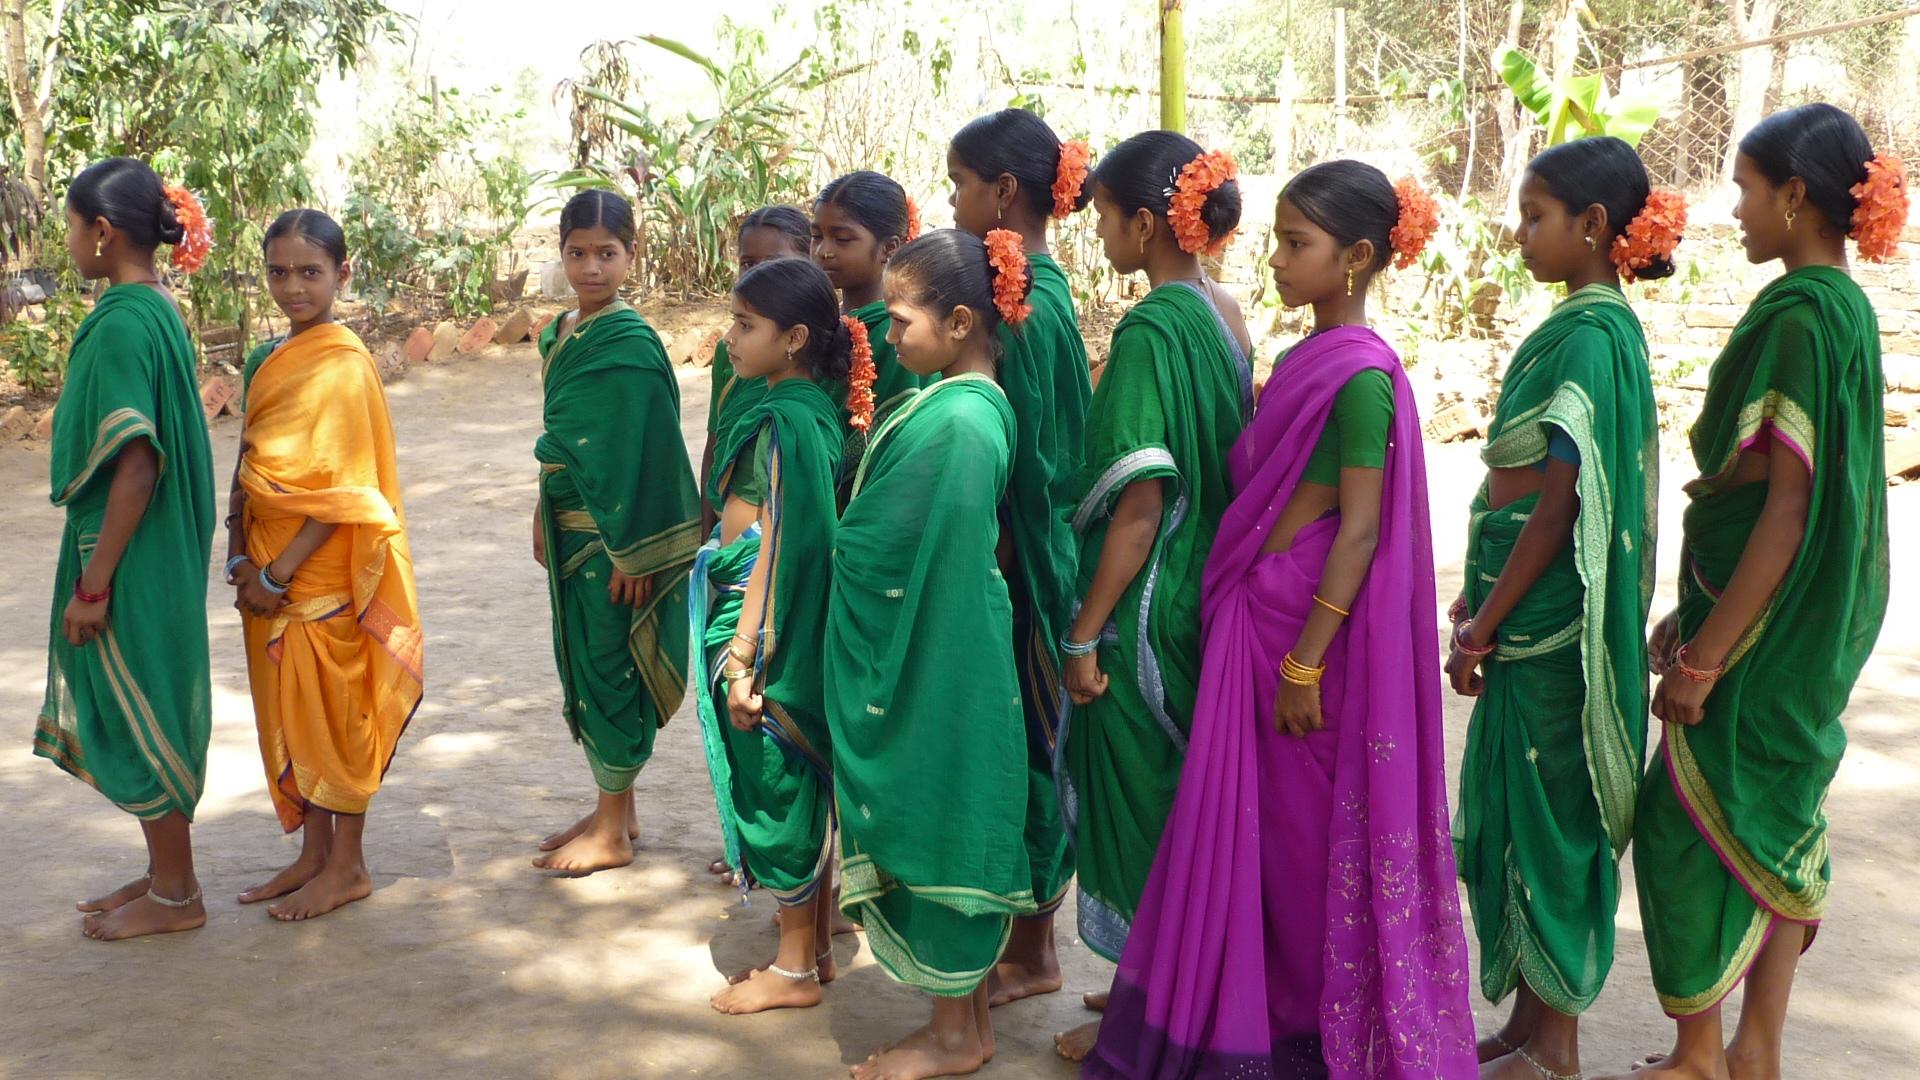 Mädchen tragen die tradinionelle Kleidung zum Begrüßungstanz